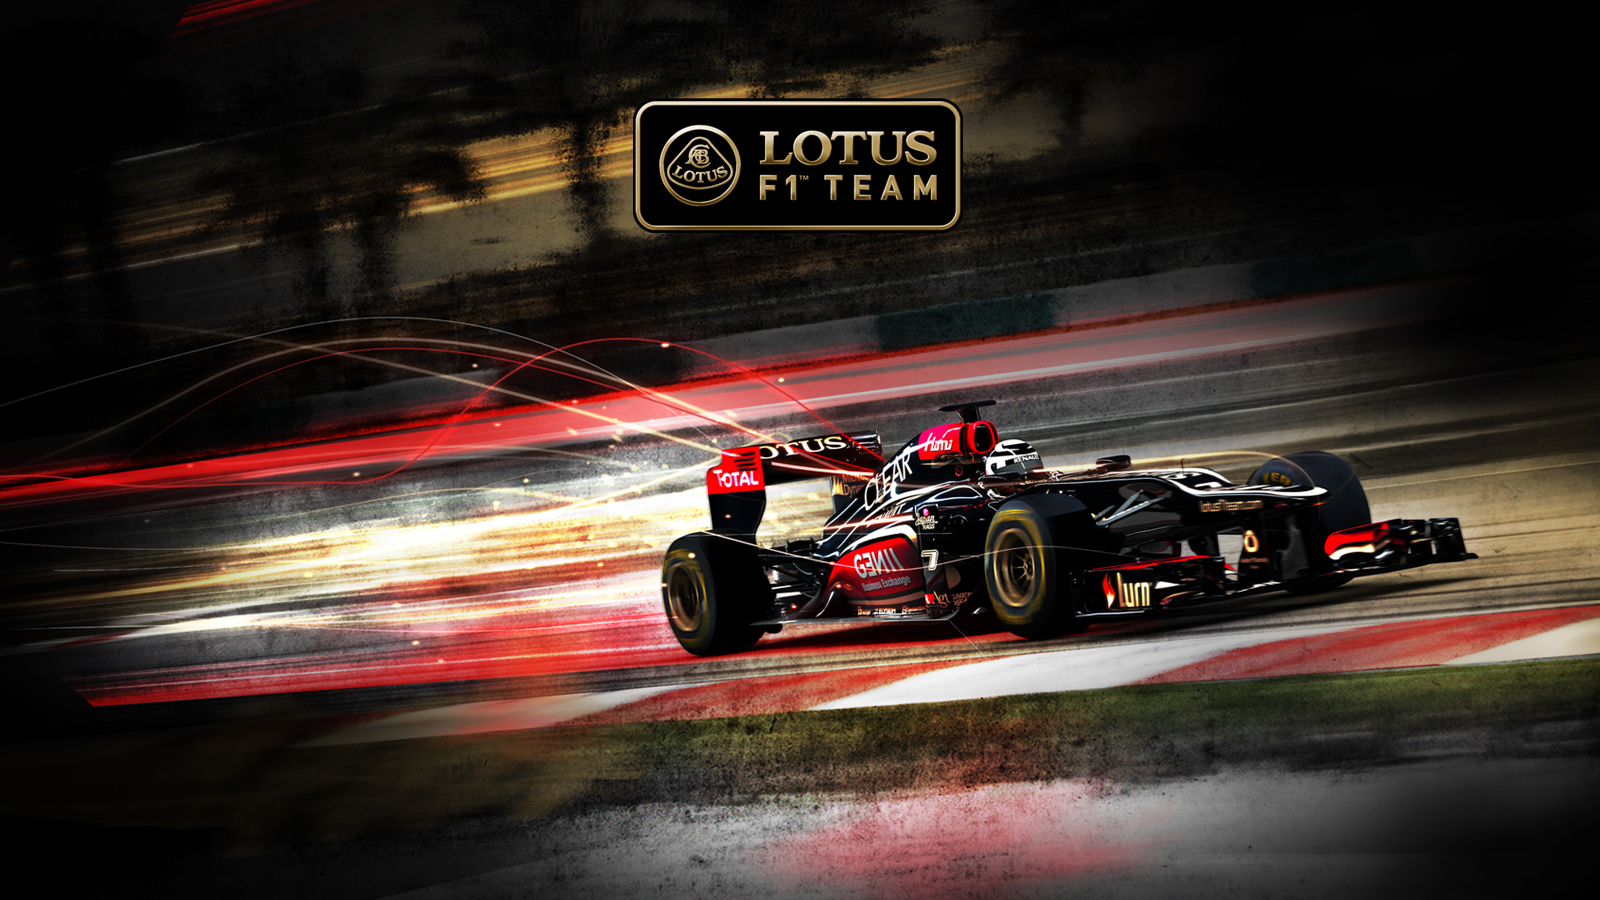 http://1.bp.blogspot.com/-tg5Lu7DUFVk/UQbmG-YphwI/AAAAAAAAHNQ/BZ-3EsbldXw/s1600/Lotus-F1-Team-1600x900wallpaper-1.jpg